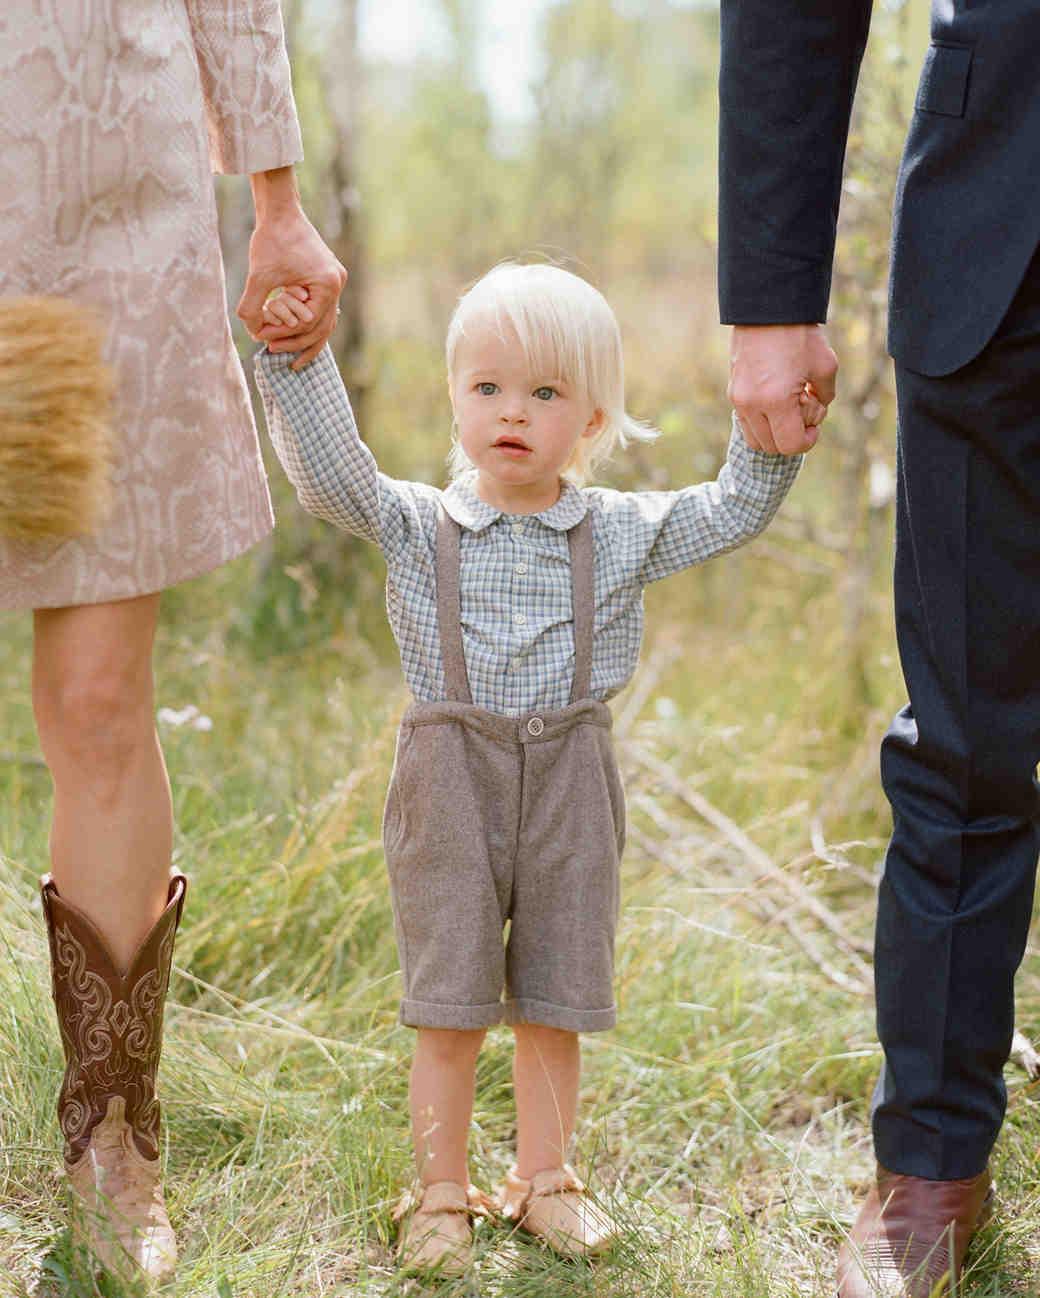 callie-eric-wedding-ringbearer-237-s112113-0815.jpg